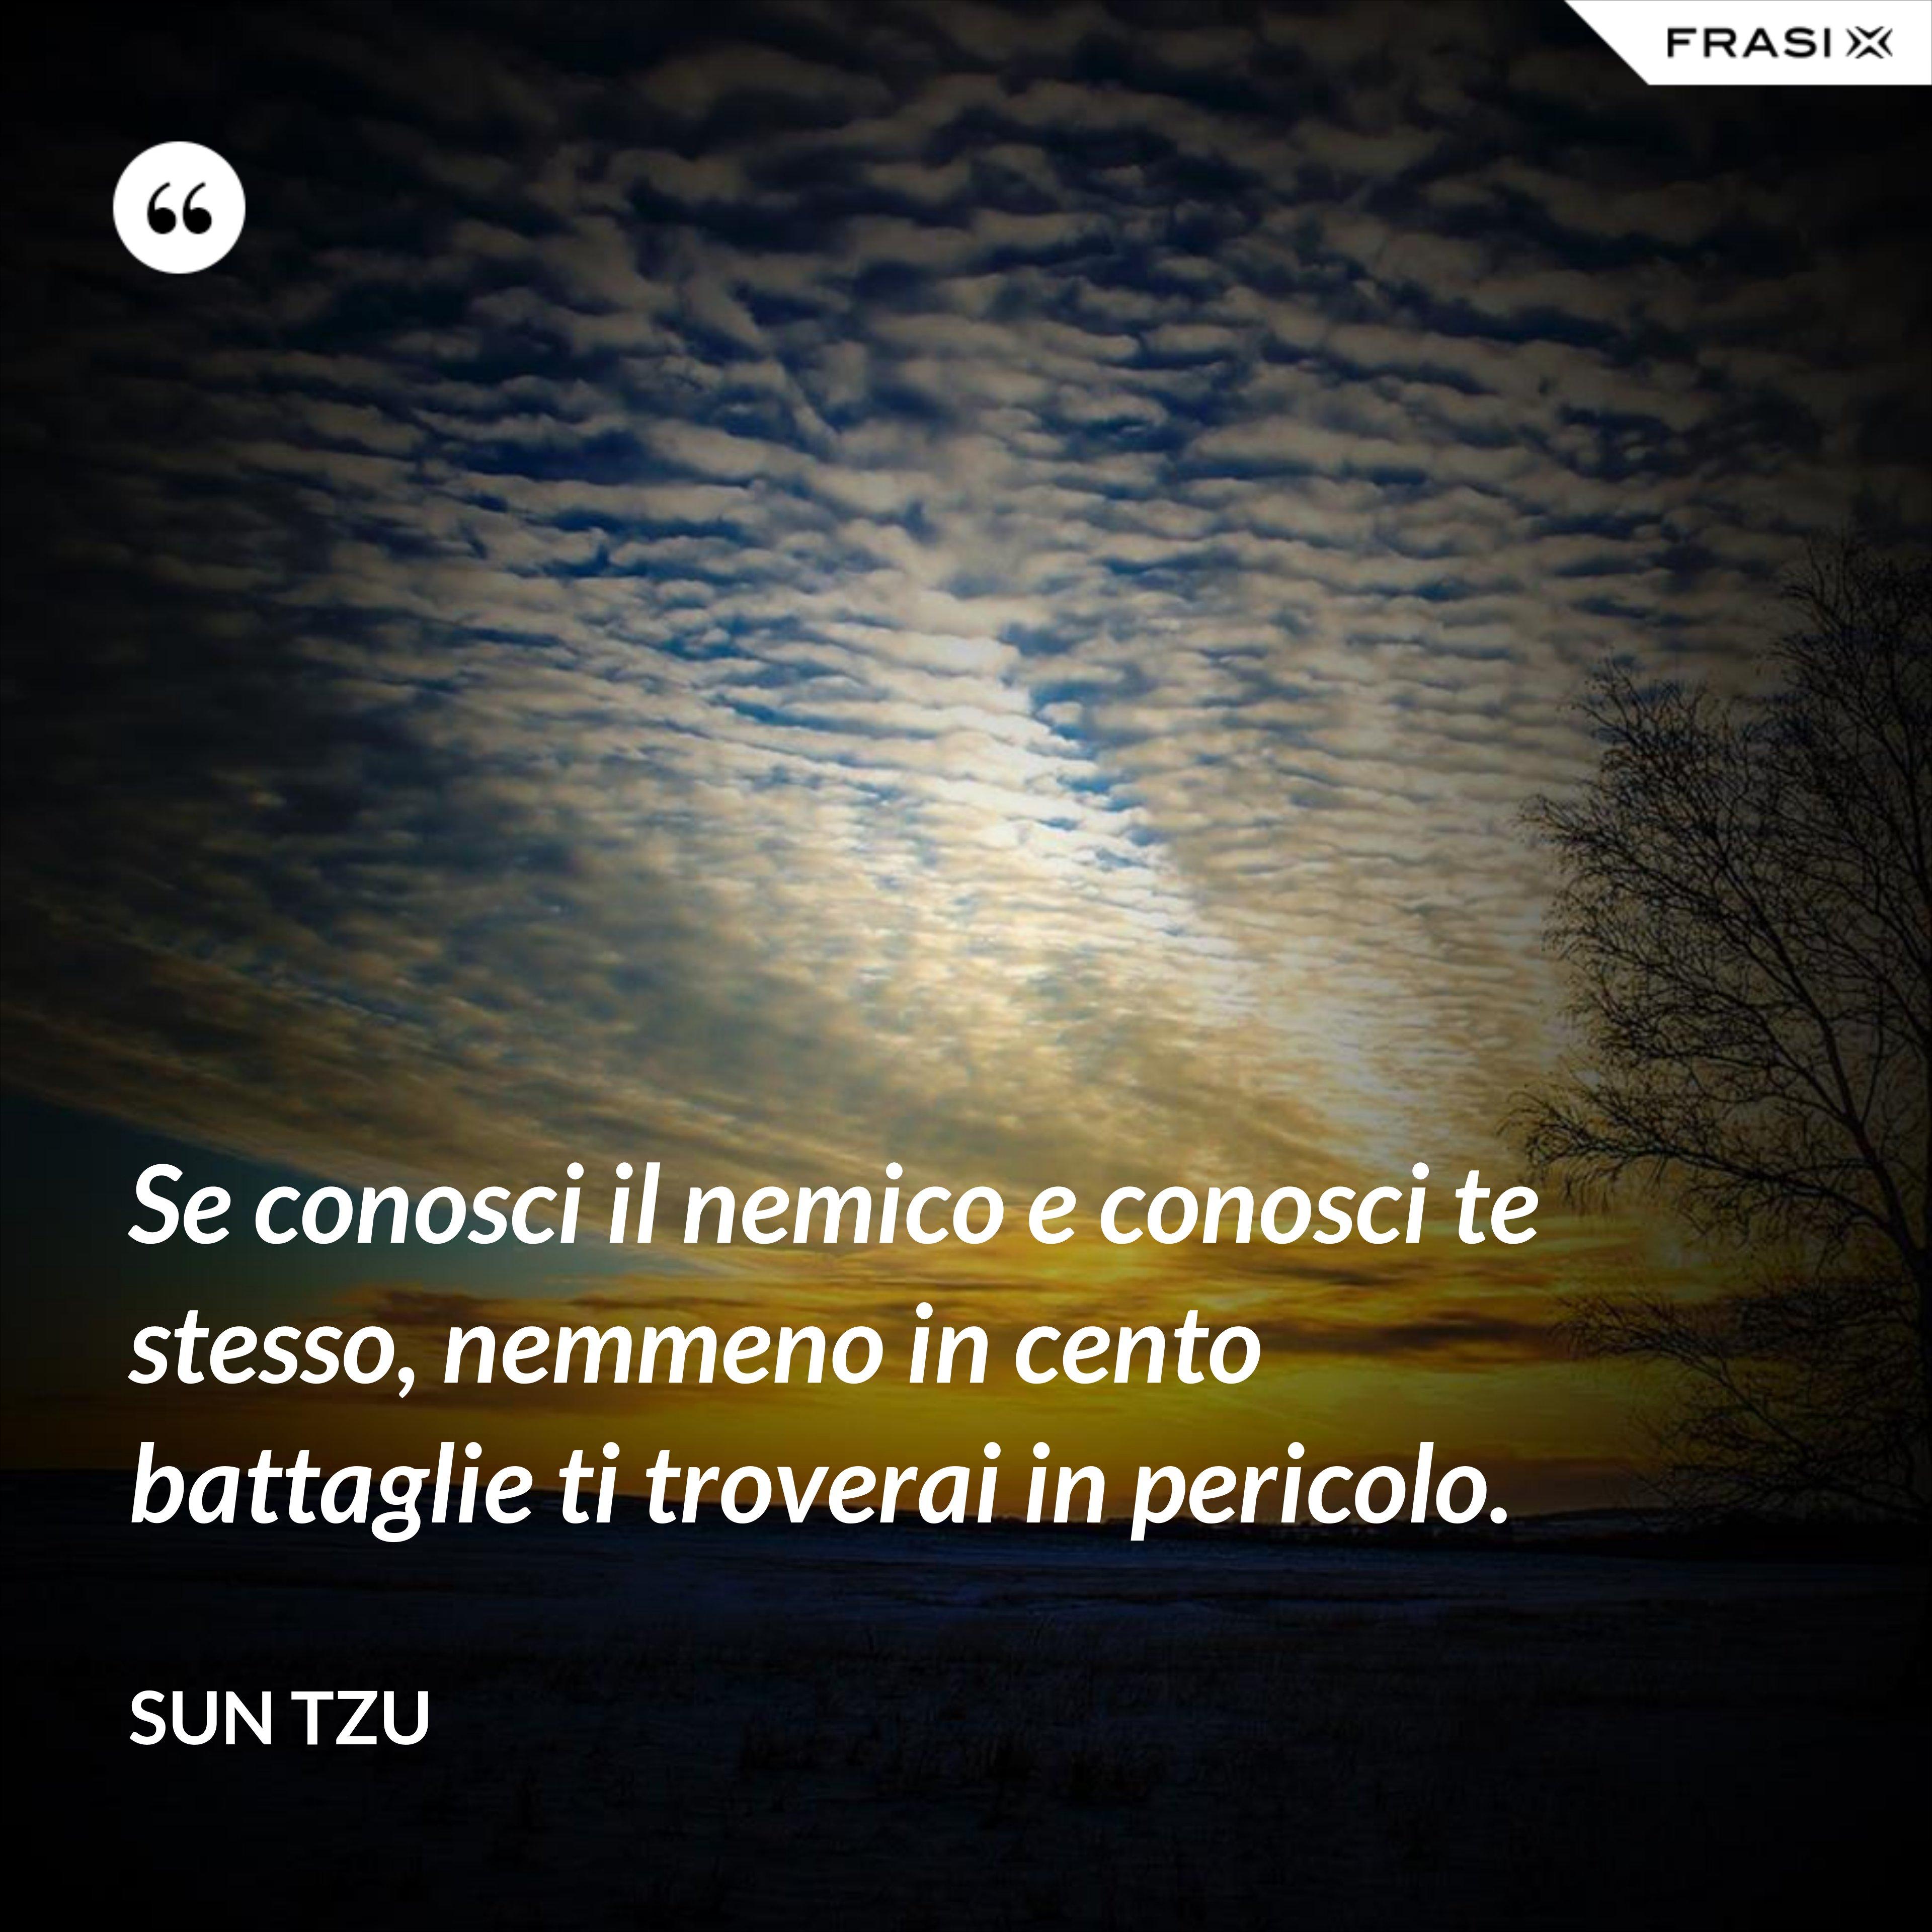 Se conosci il nemico e conosci te stesso, nemmeno in cento battaglie ti troverai in pericolo. - Sun Tzu